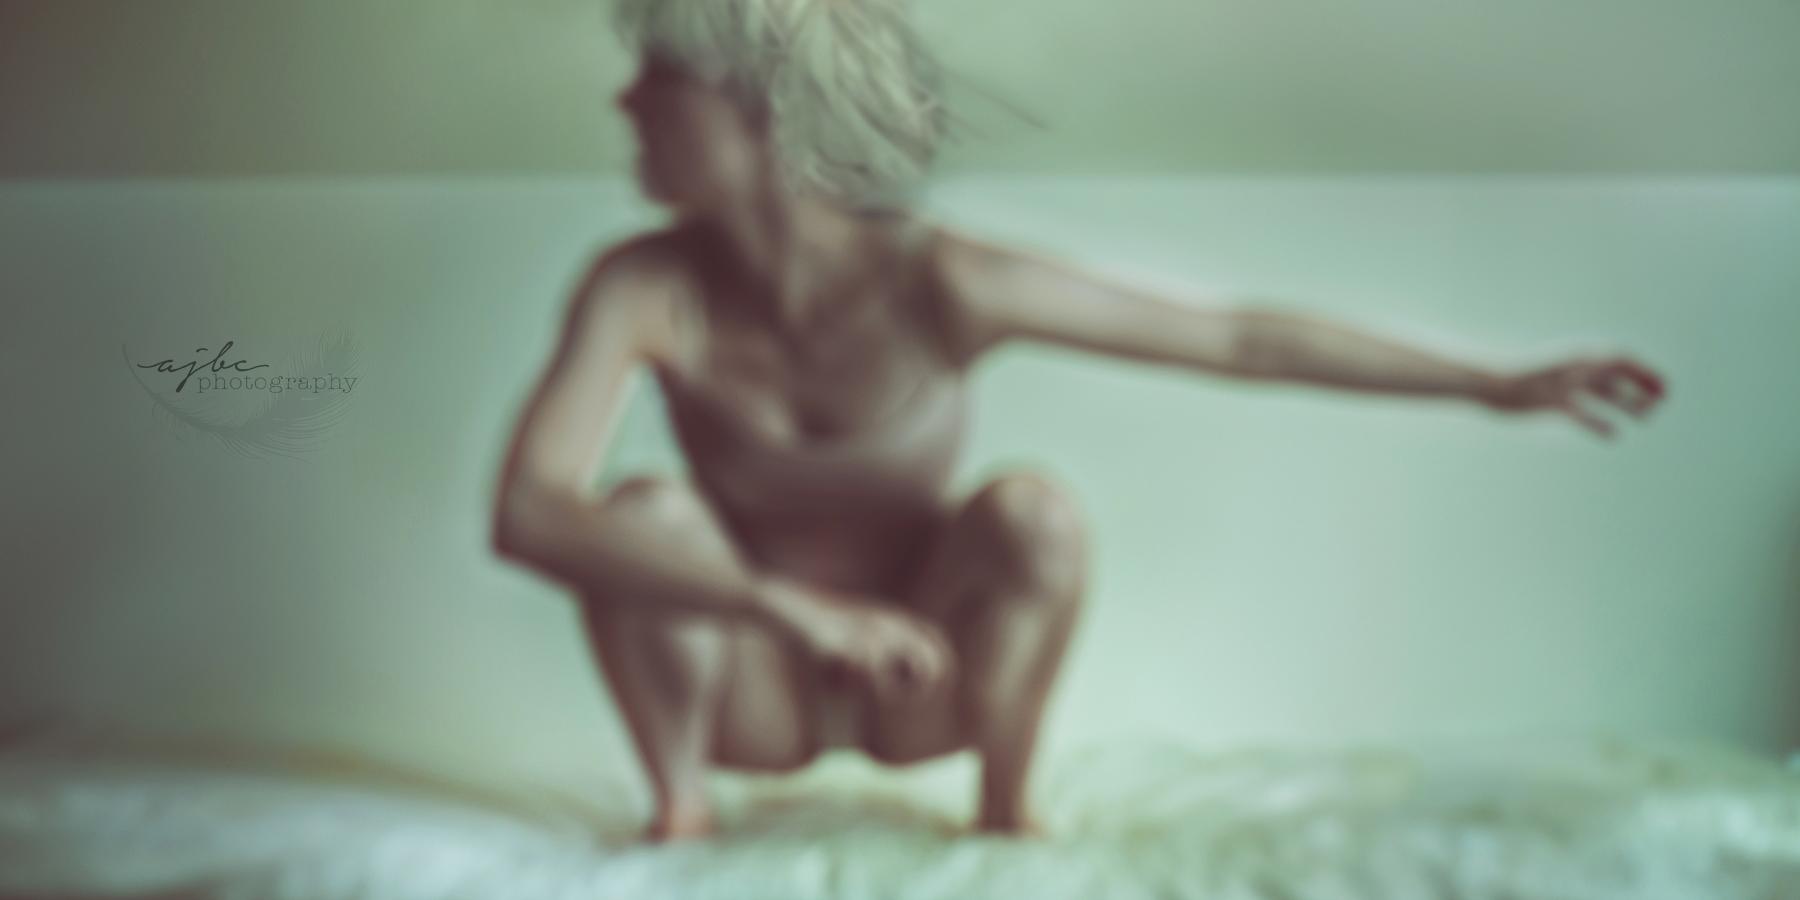 6- Sia Chandelier Art Marysville Photographer studio.png